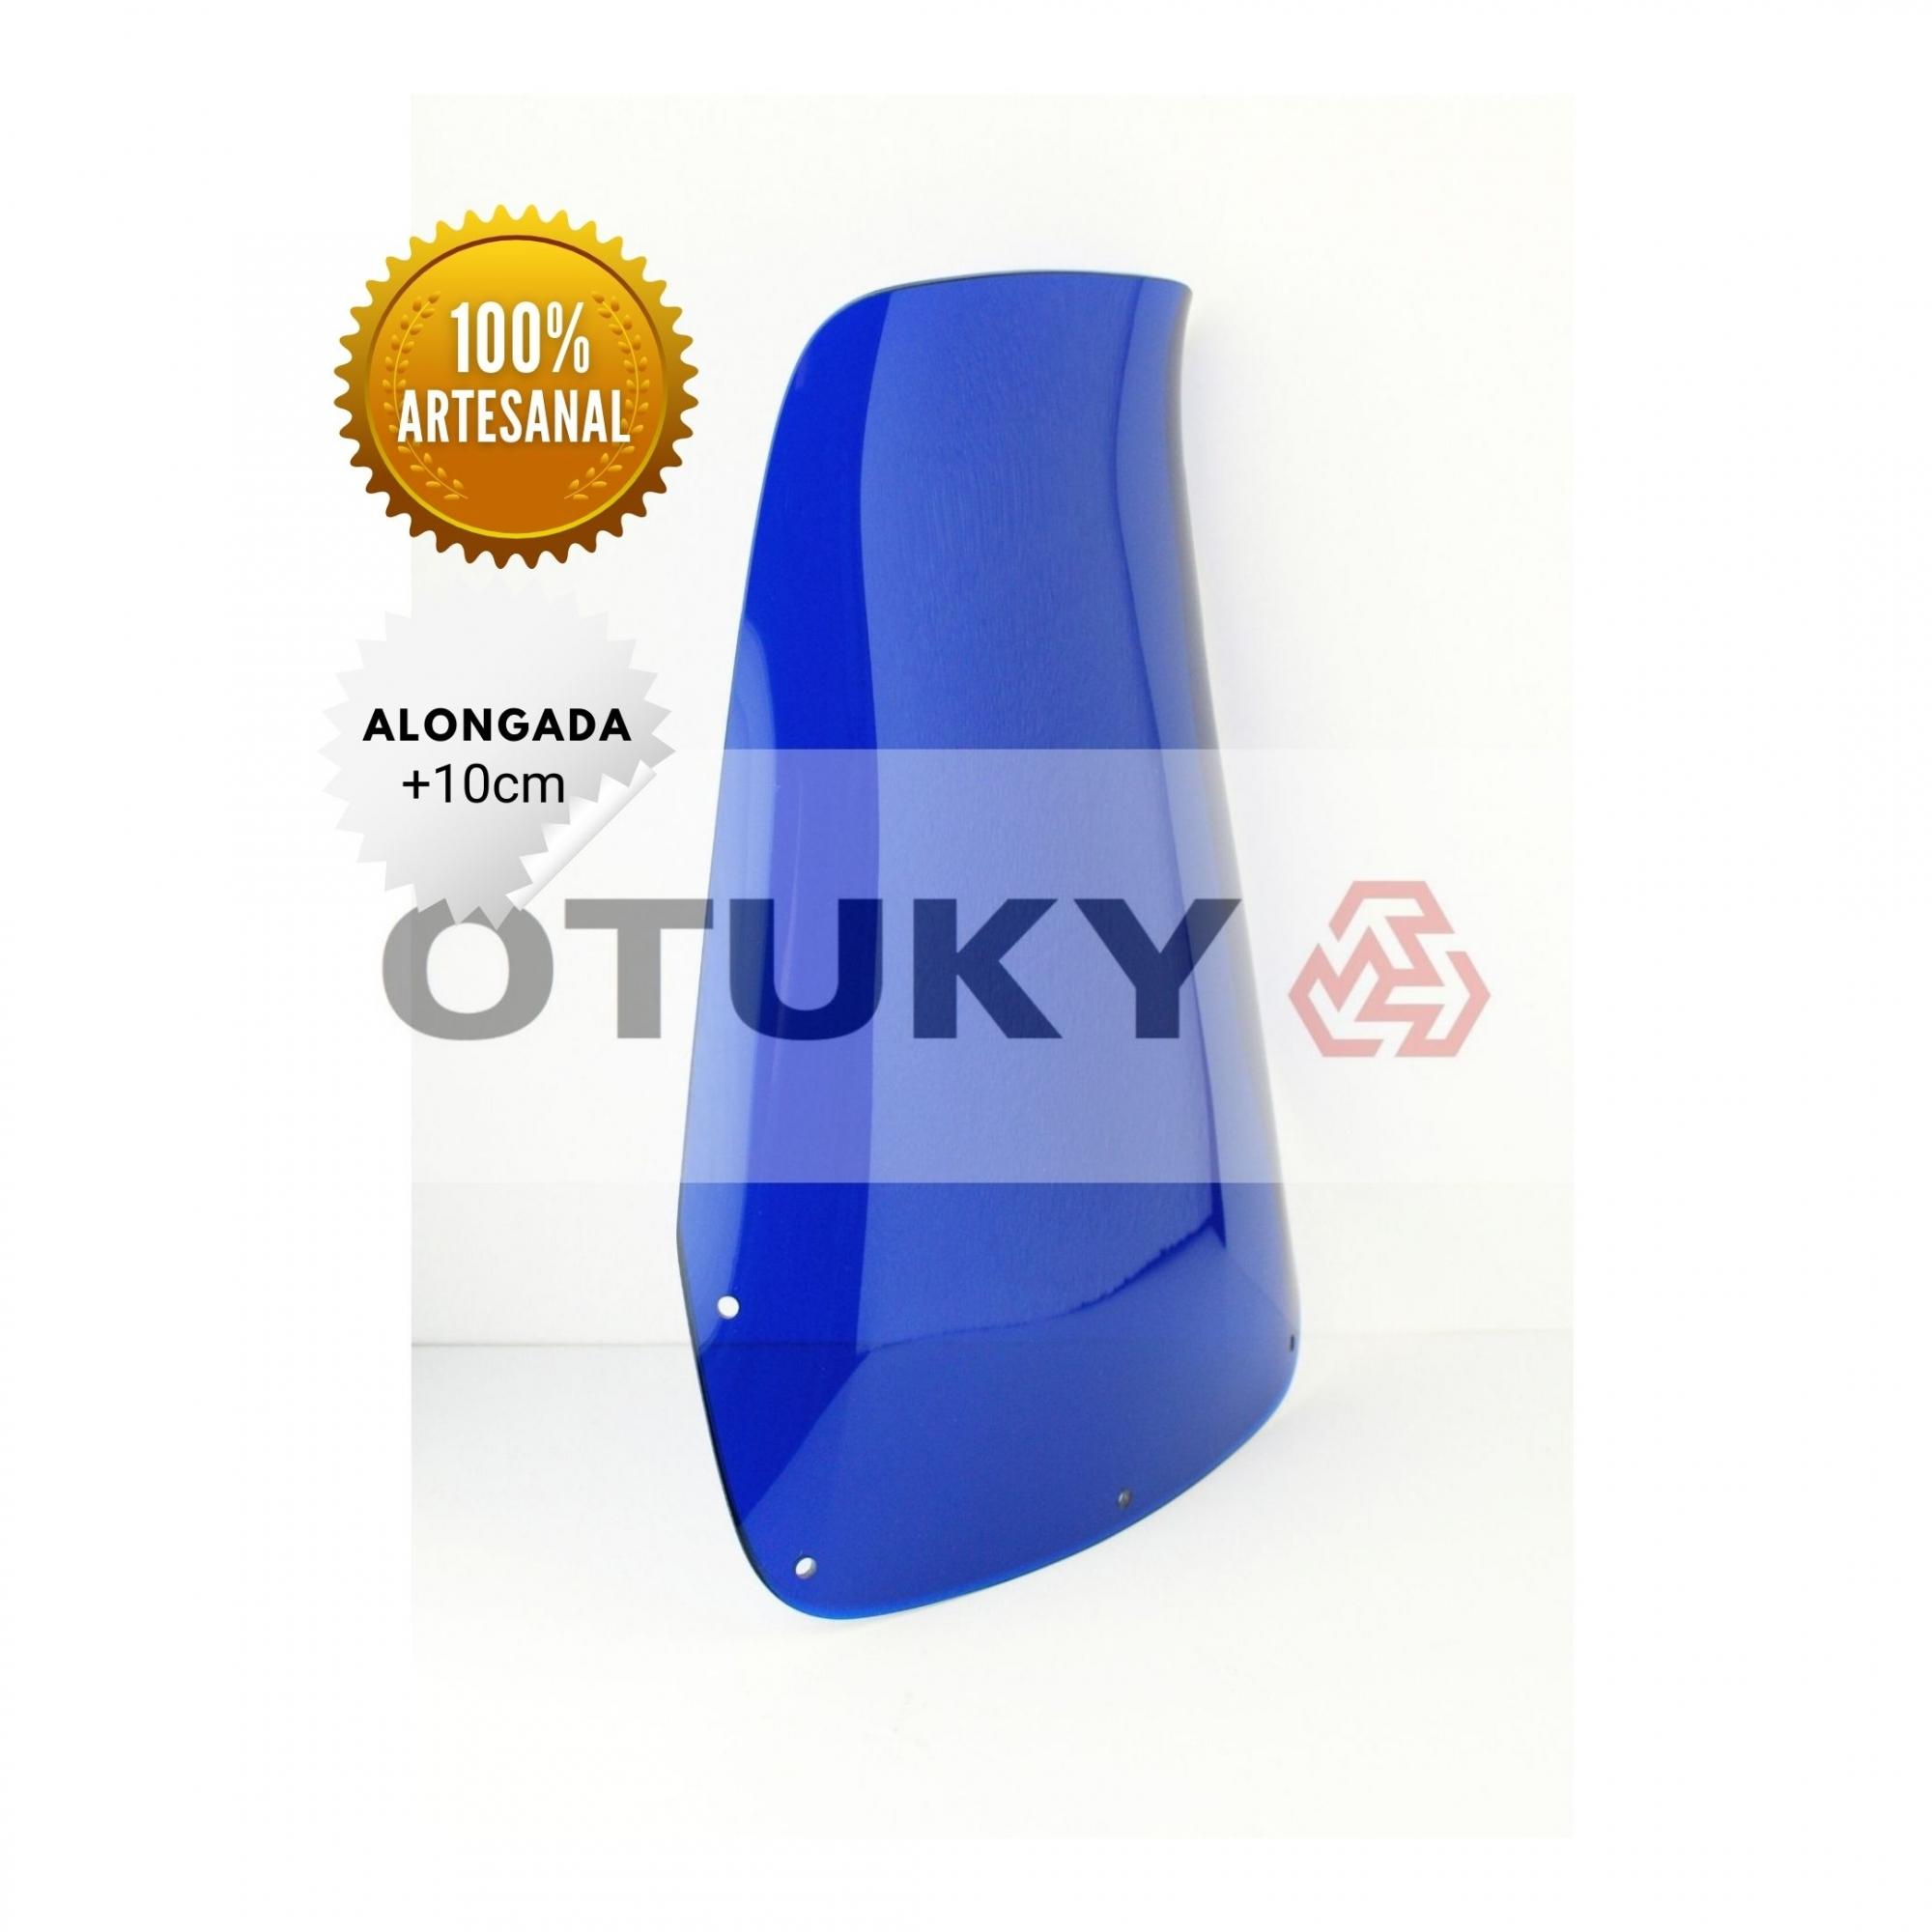 Bolha para Moto Ténéré 600 2 Farois Otuky Alongada +10cm Azul Escuro